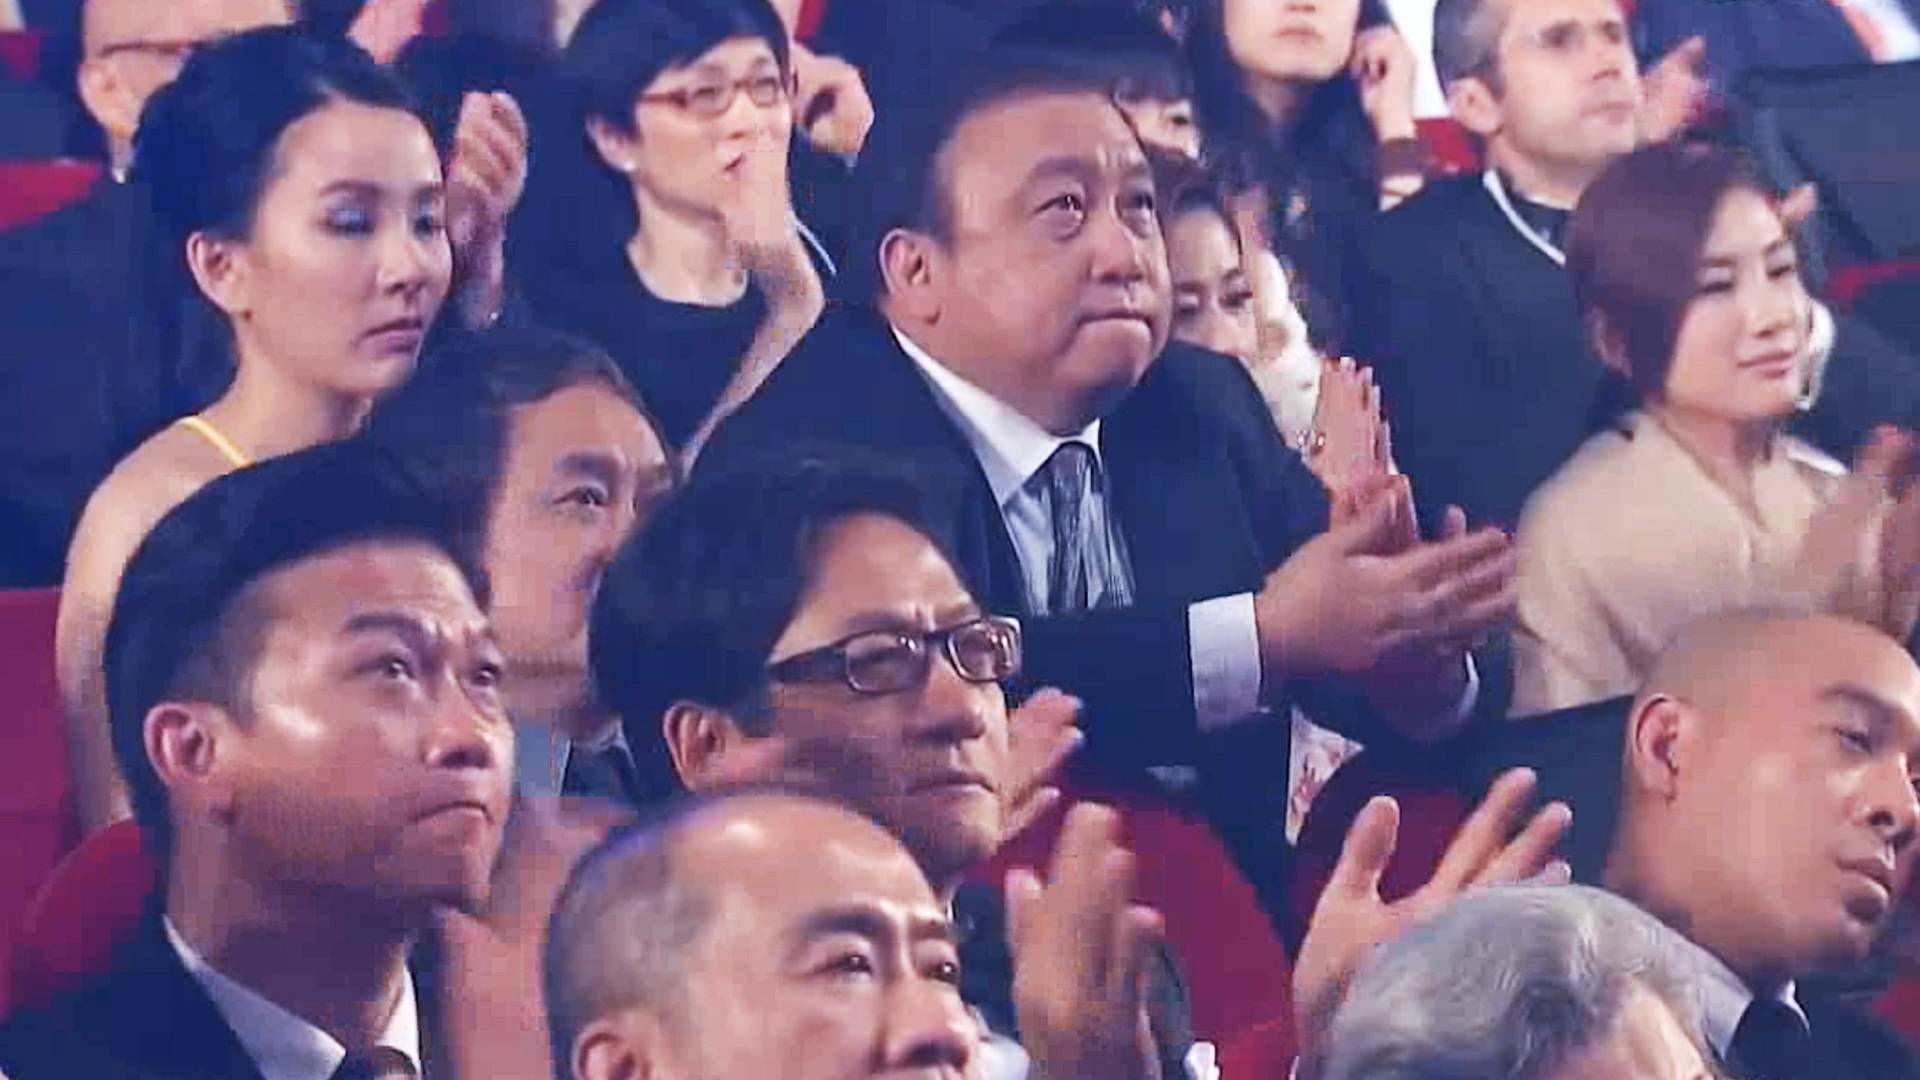 这才是殿堂级的歌手!台下观众全是大佬,竟都老老实实听他唱歌!